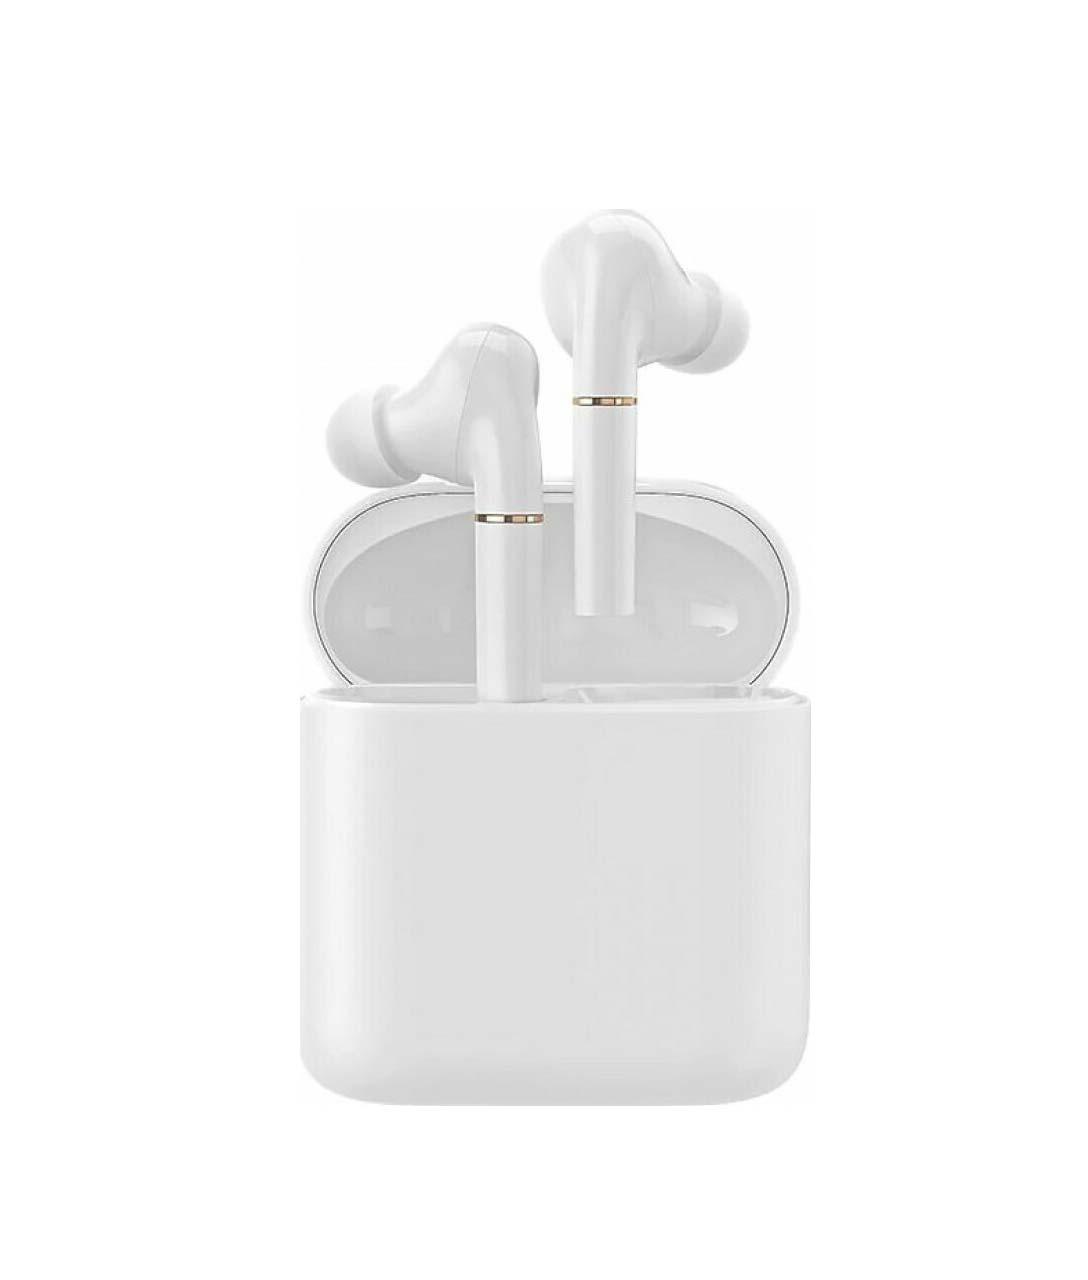 Xiaomi Haylou T19 TWS Earbuds BT White